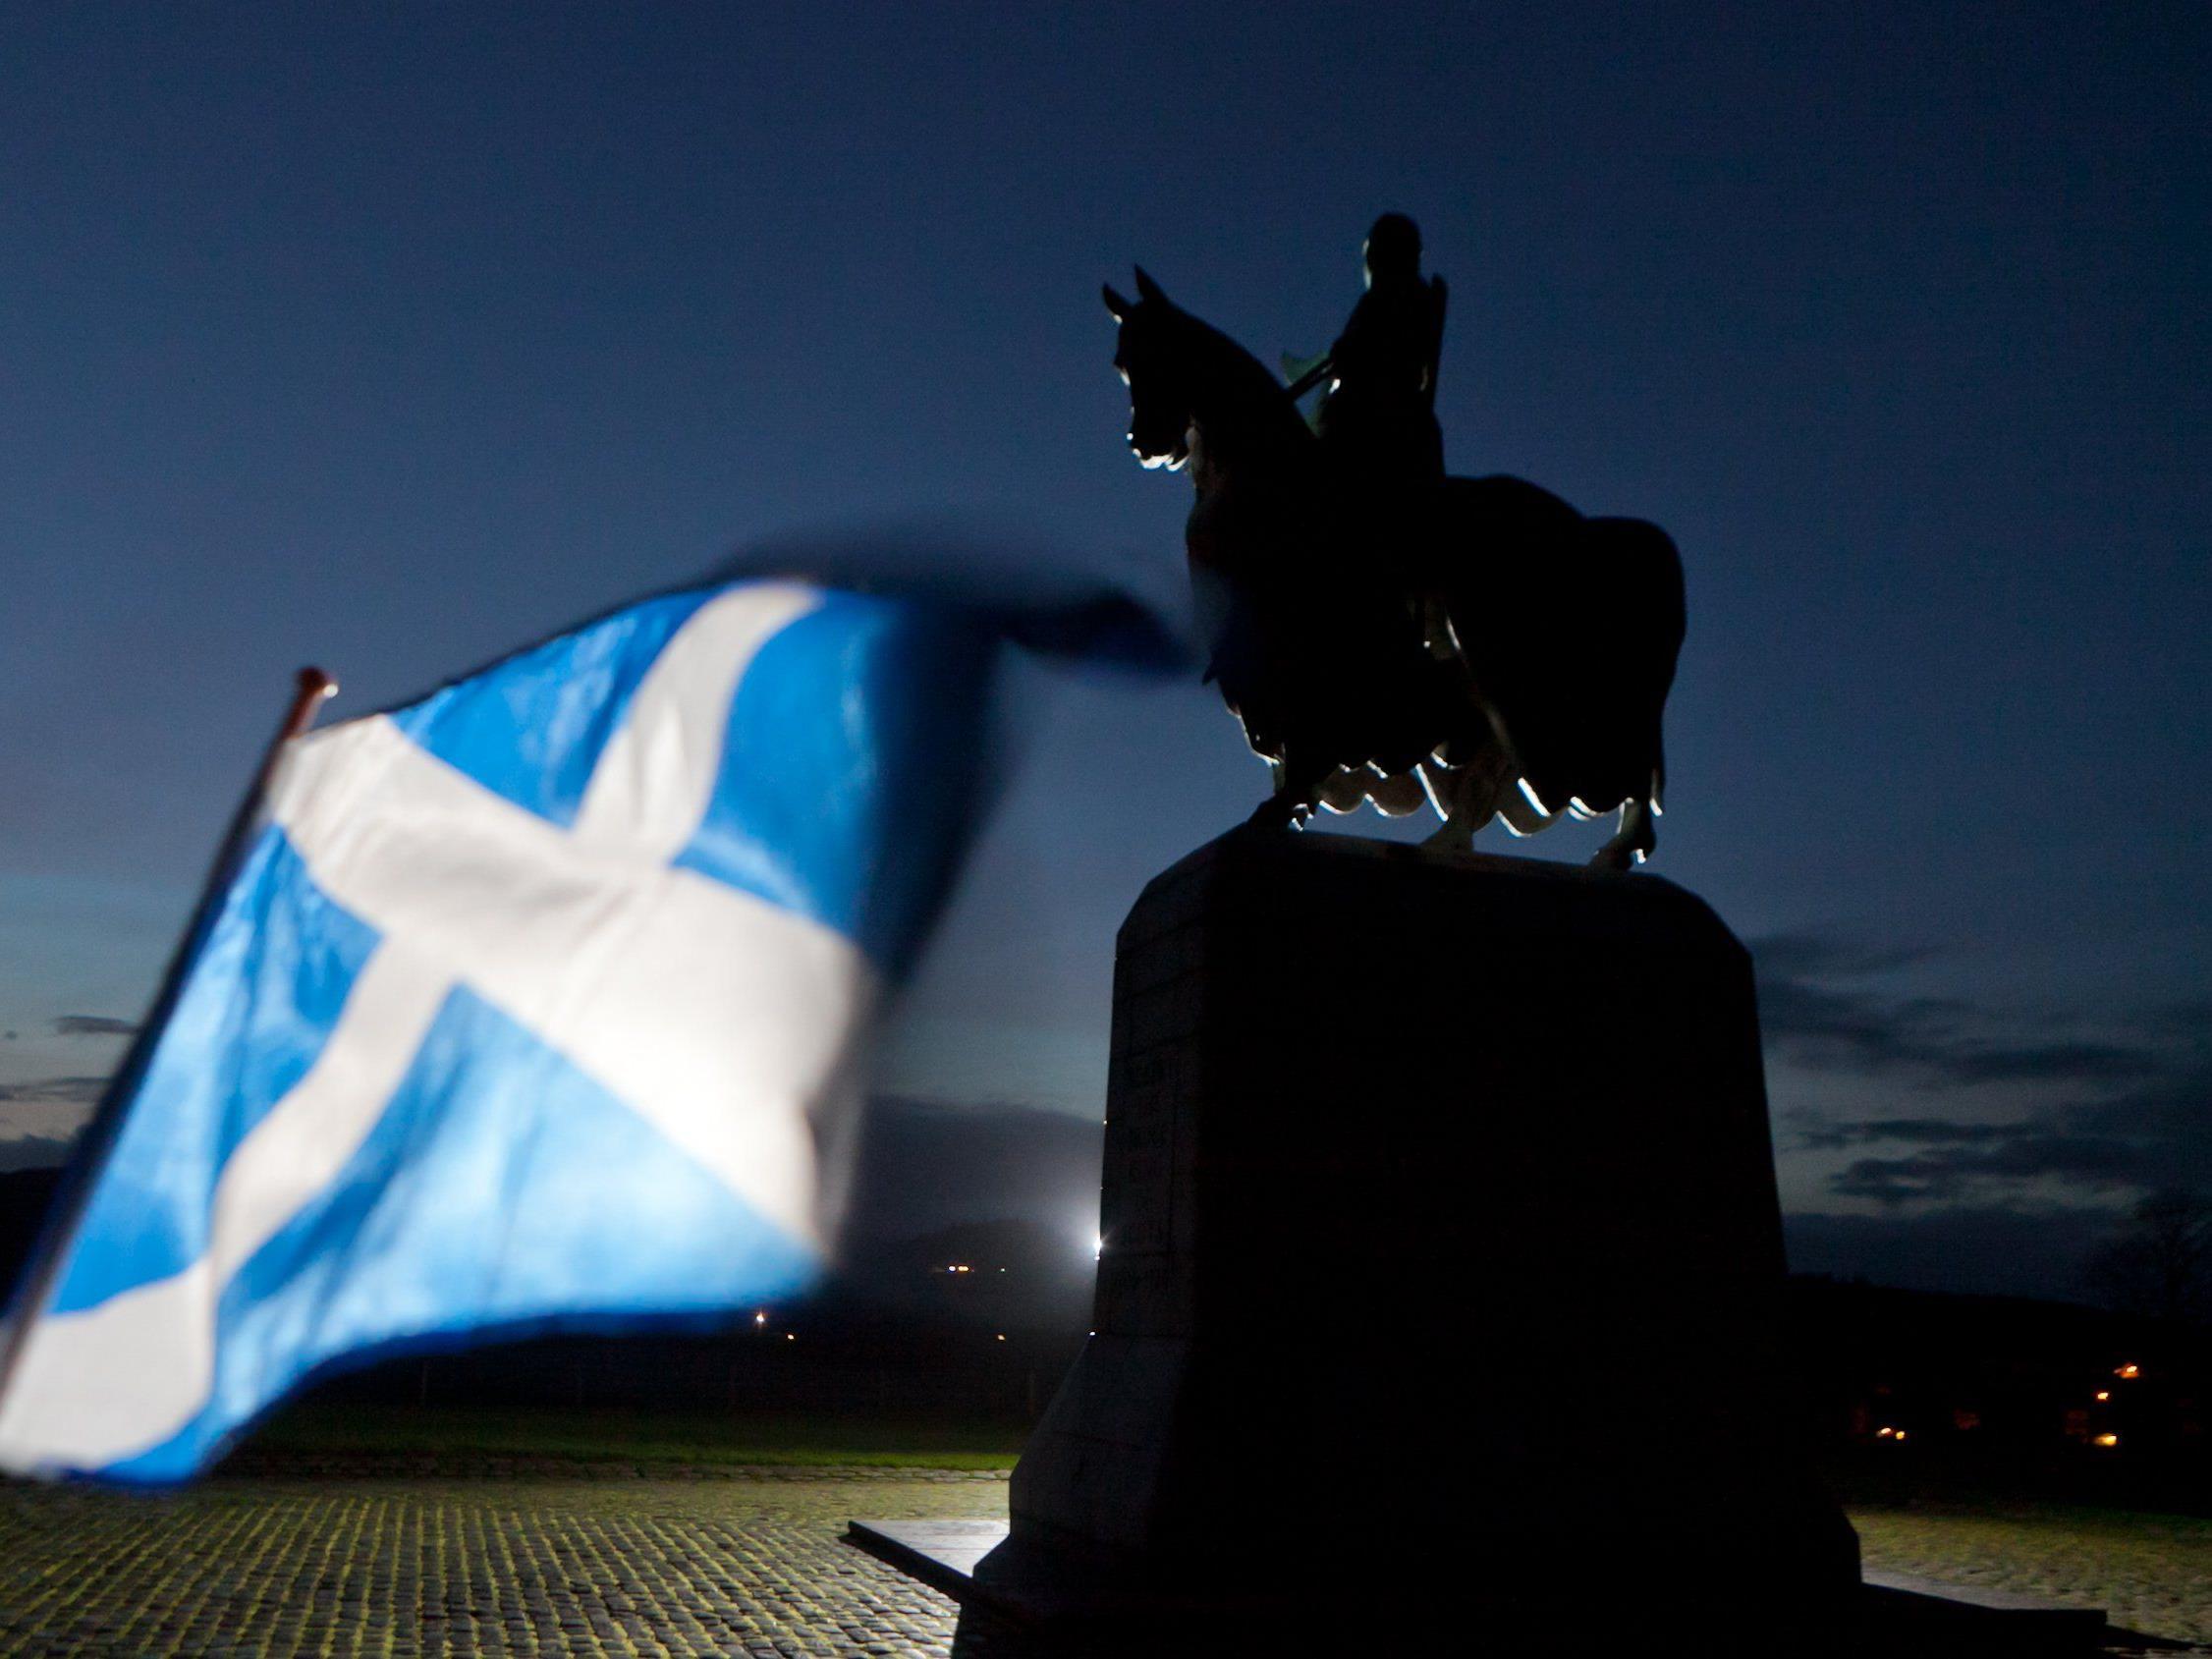 Referendum am 18. September über Loslösung vom Vereinigten Königreich.